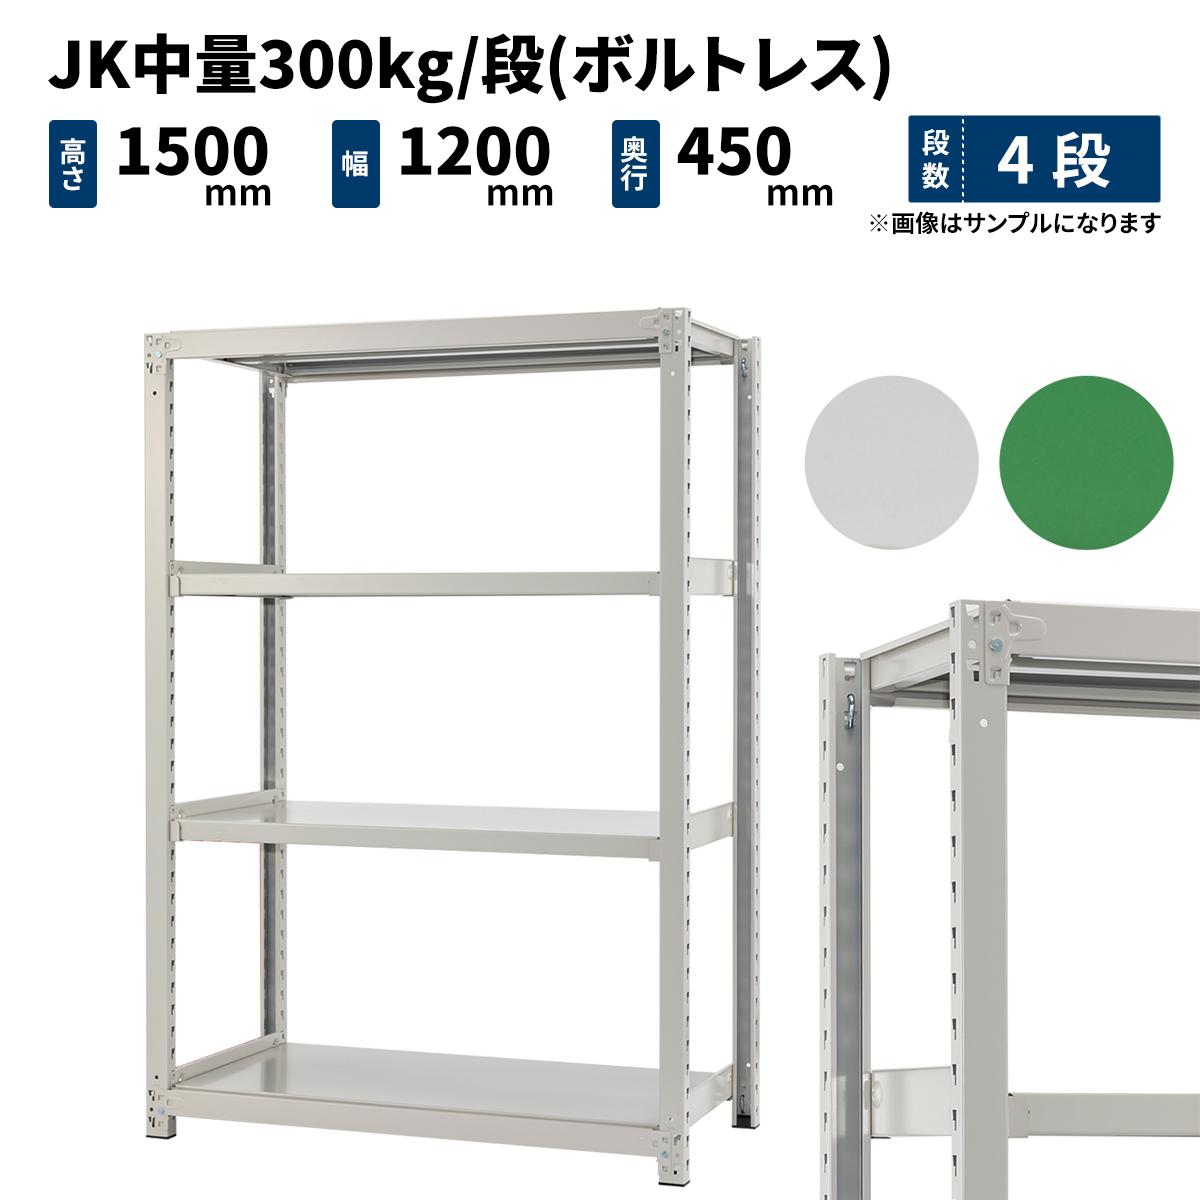 スチールラック 業務用 JK中量300kg/段(ボルトレス) 単体形式 高さ1500×幅1200×奥行450mm 4段 ホワイトグレー/グリーン (51kg) JK300_T-151245-4